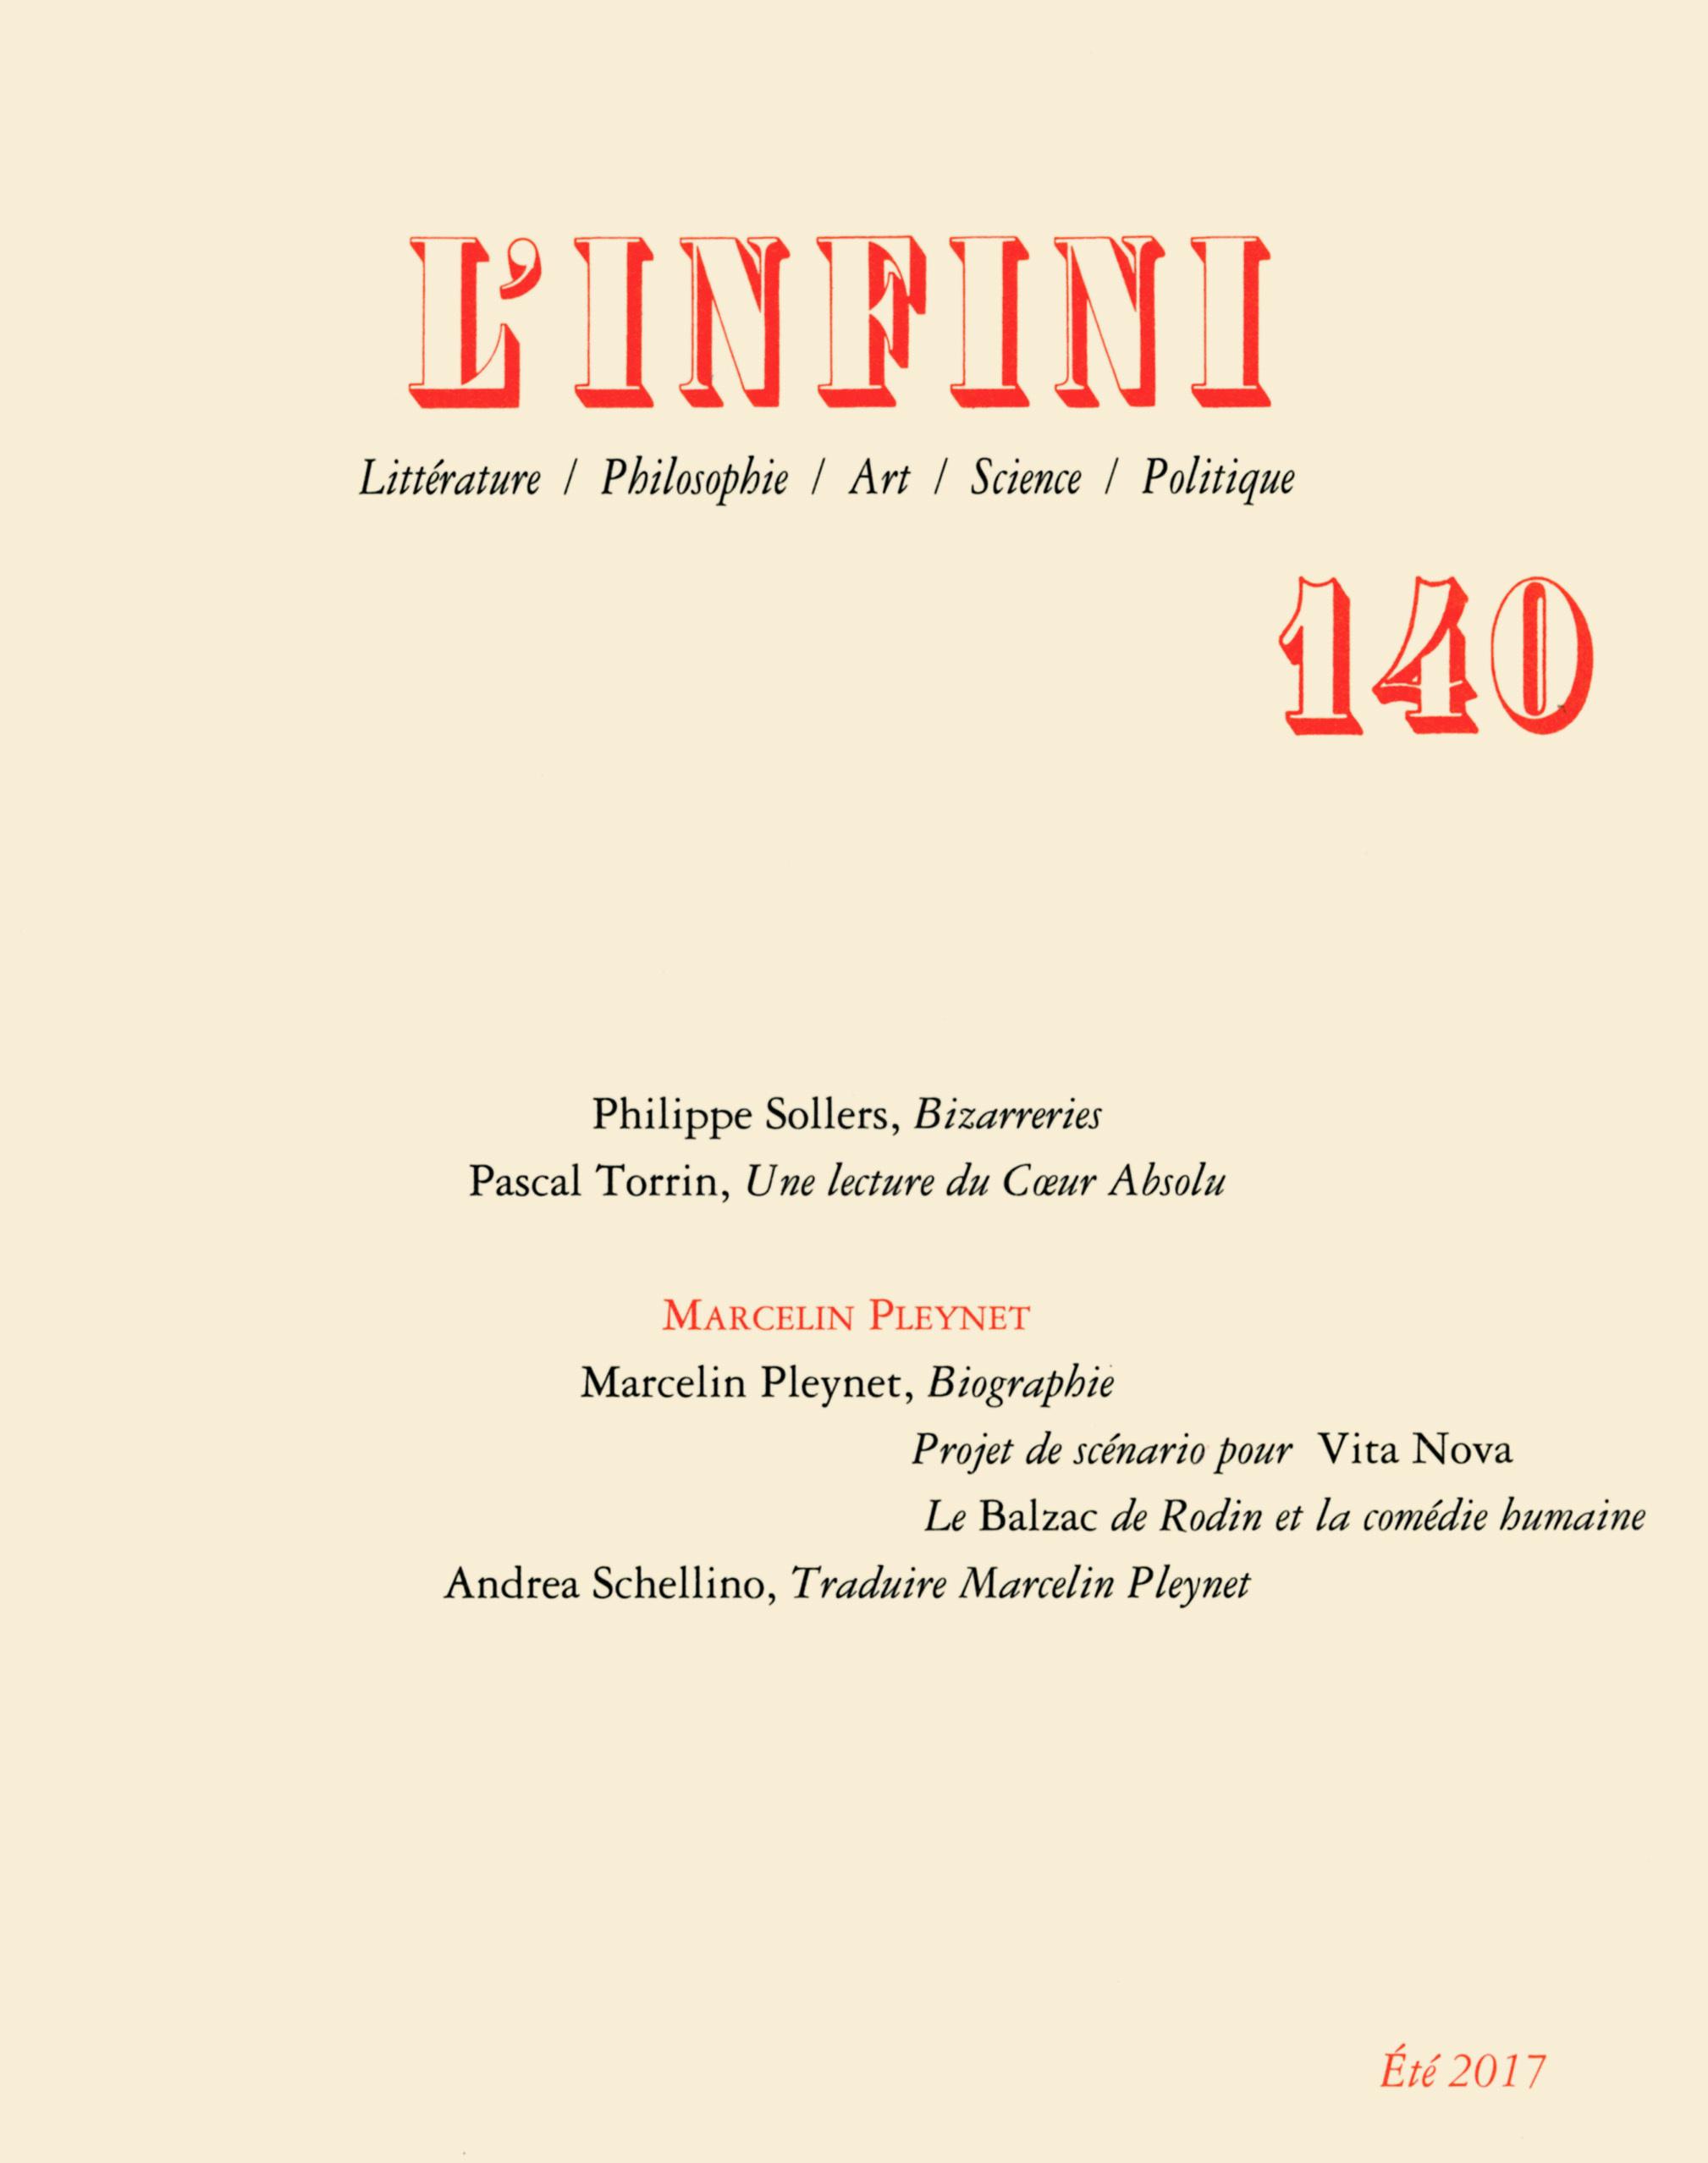 L'INFINI N140